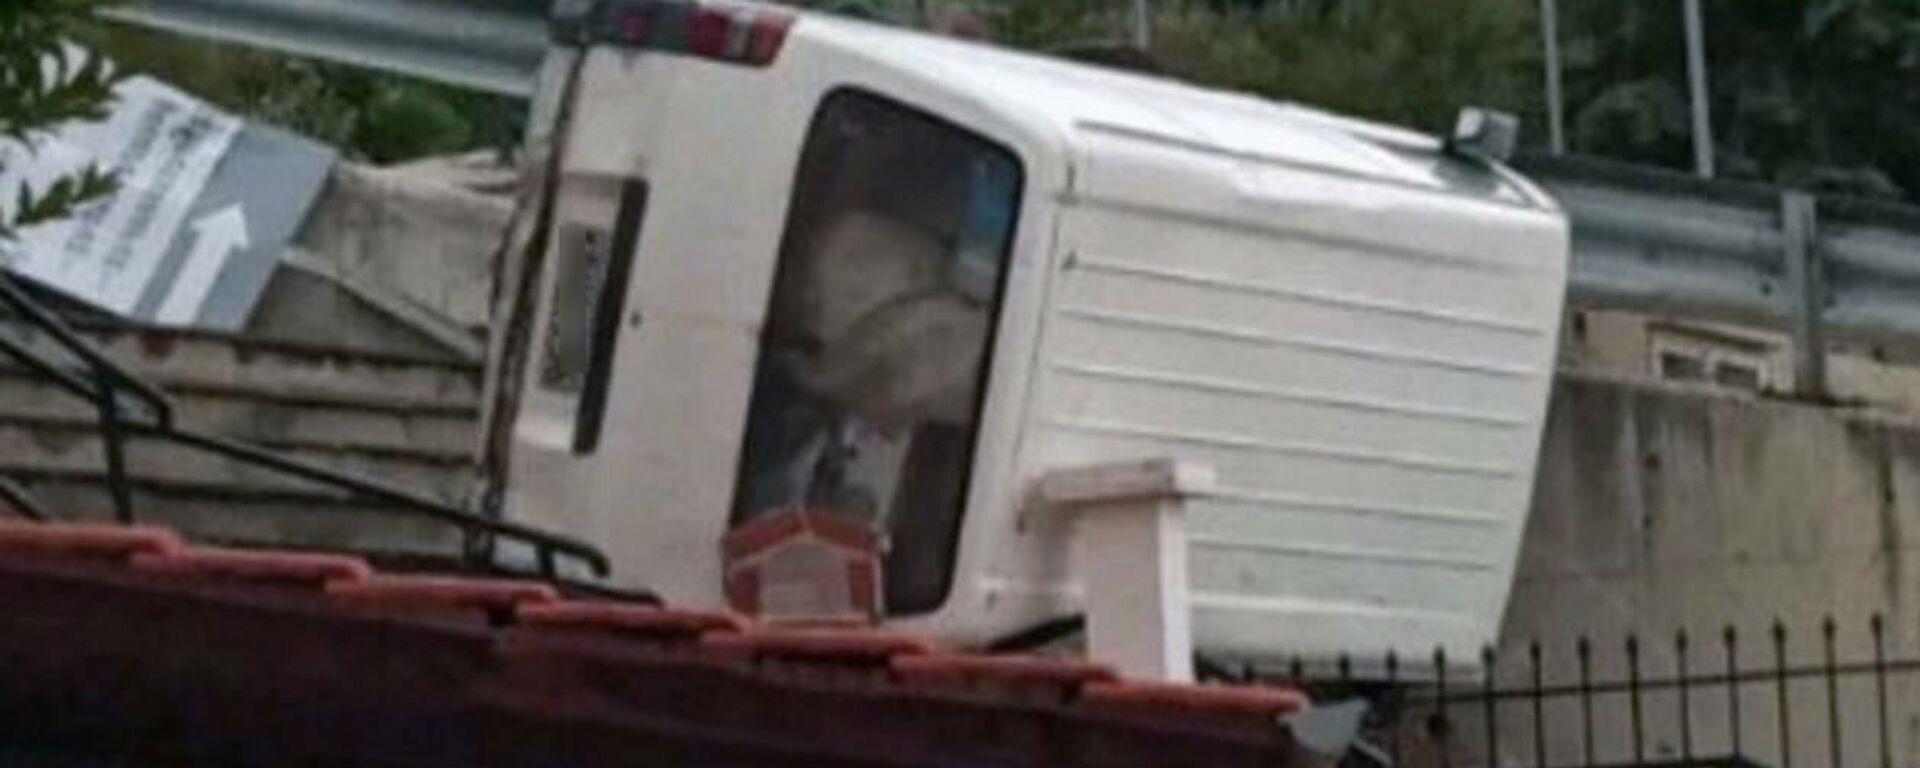 Απίστευτο τροχαίο στην Καβάλα: Φορτηγάκι προσγειώθηκε στα κεραμίδια σπιτιού - Sputnik Ελλάδα, 1920, 09.09.2021